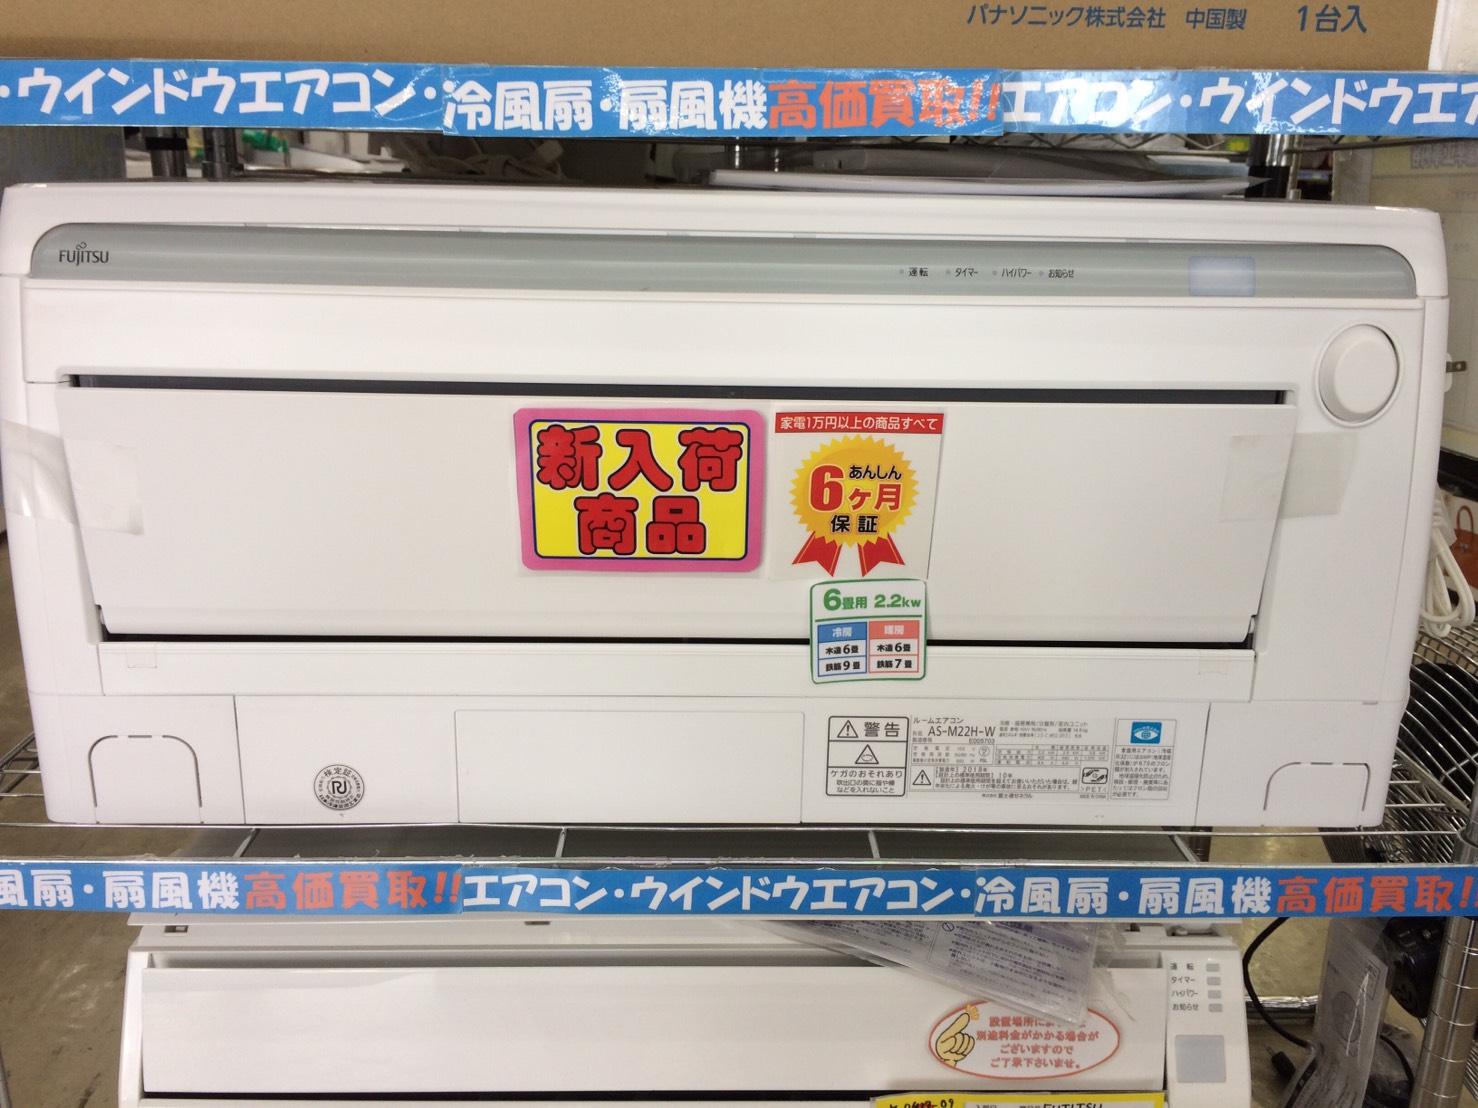 これからの季節に!【FUJITSU/富士通ゼネラル AS-M22H-W ヤマダ電機オリジナルモデル エアコン nocria ノクリア Mシリーズ (6畳用) ホワイト】を買取致しました。の買取-